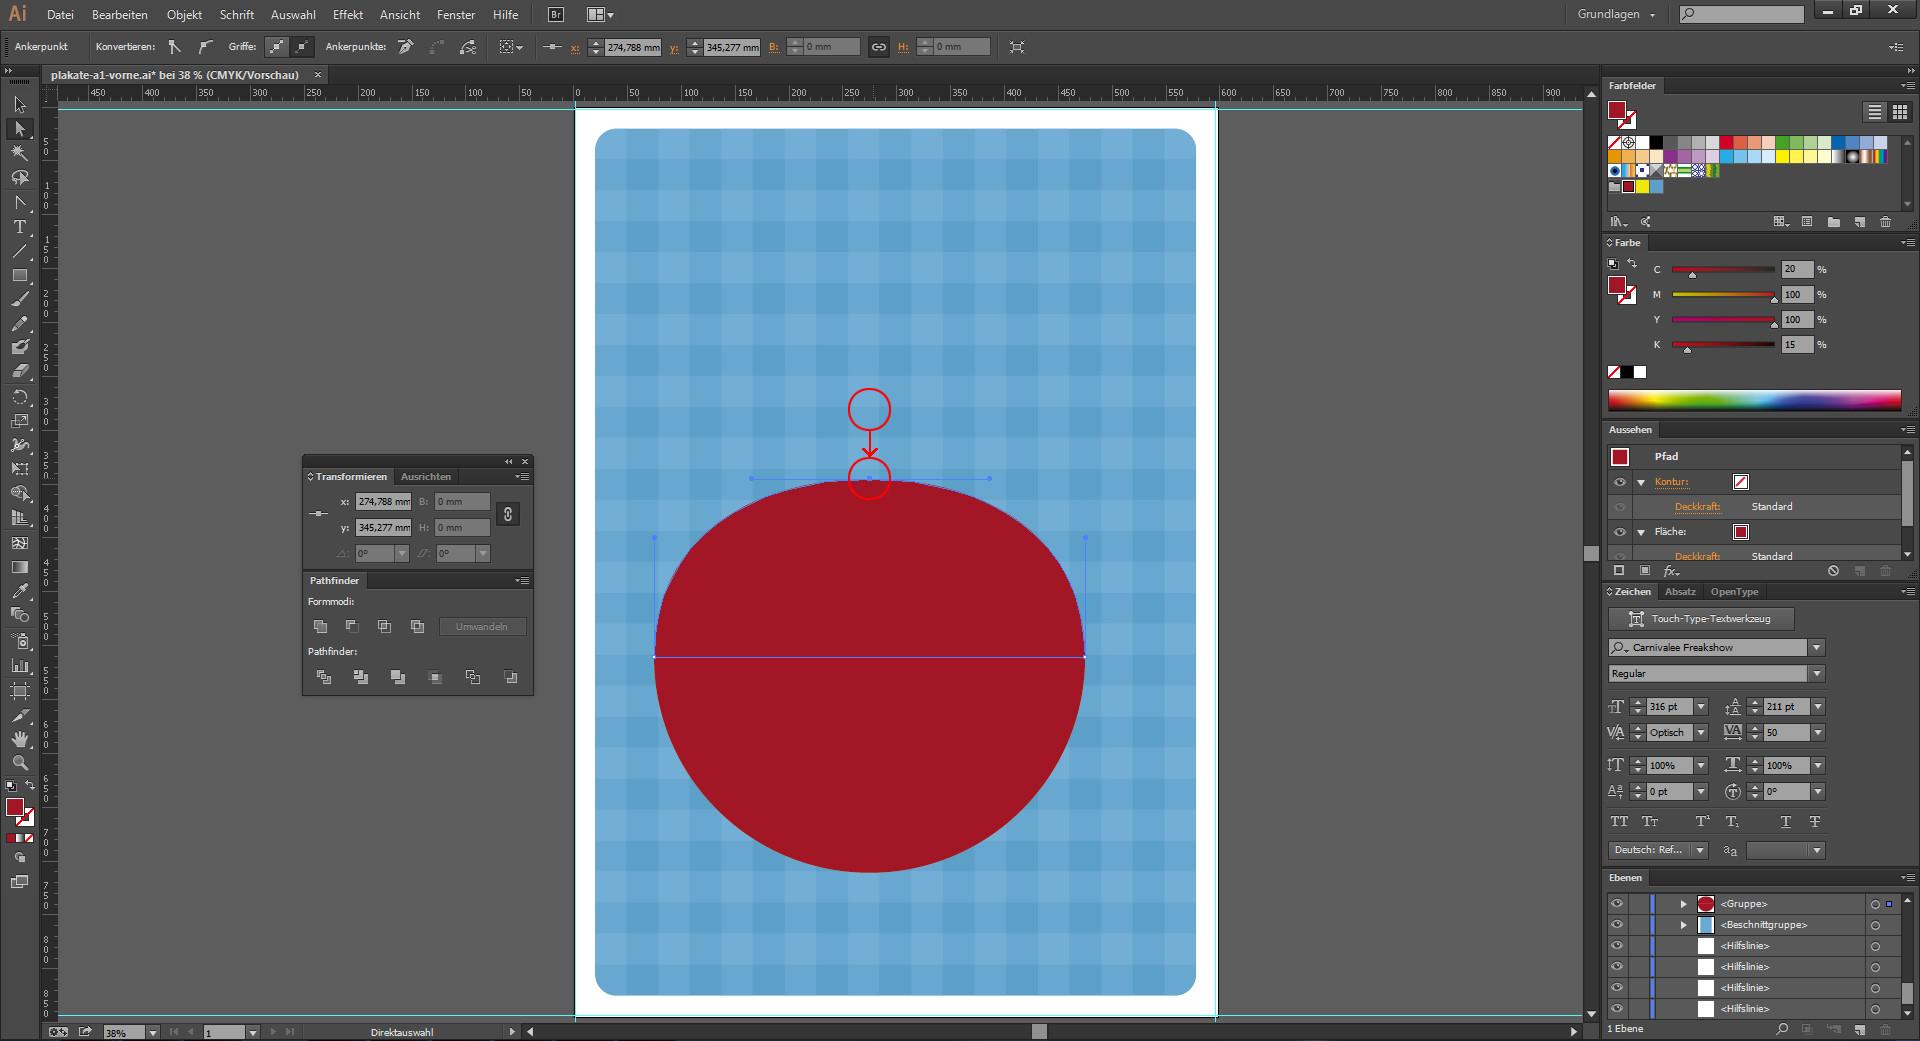 Grafische Elemente im Illustrator zeichnen